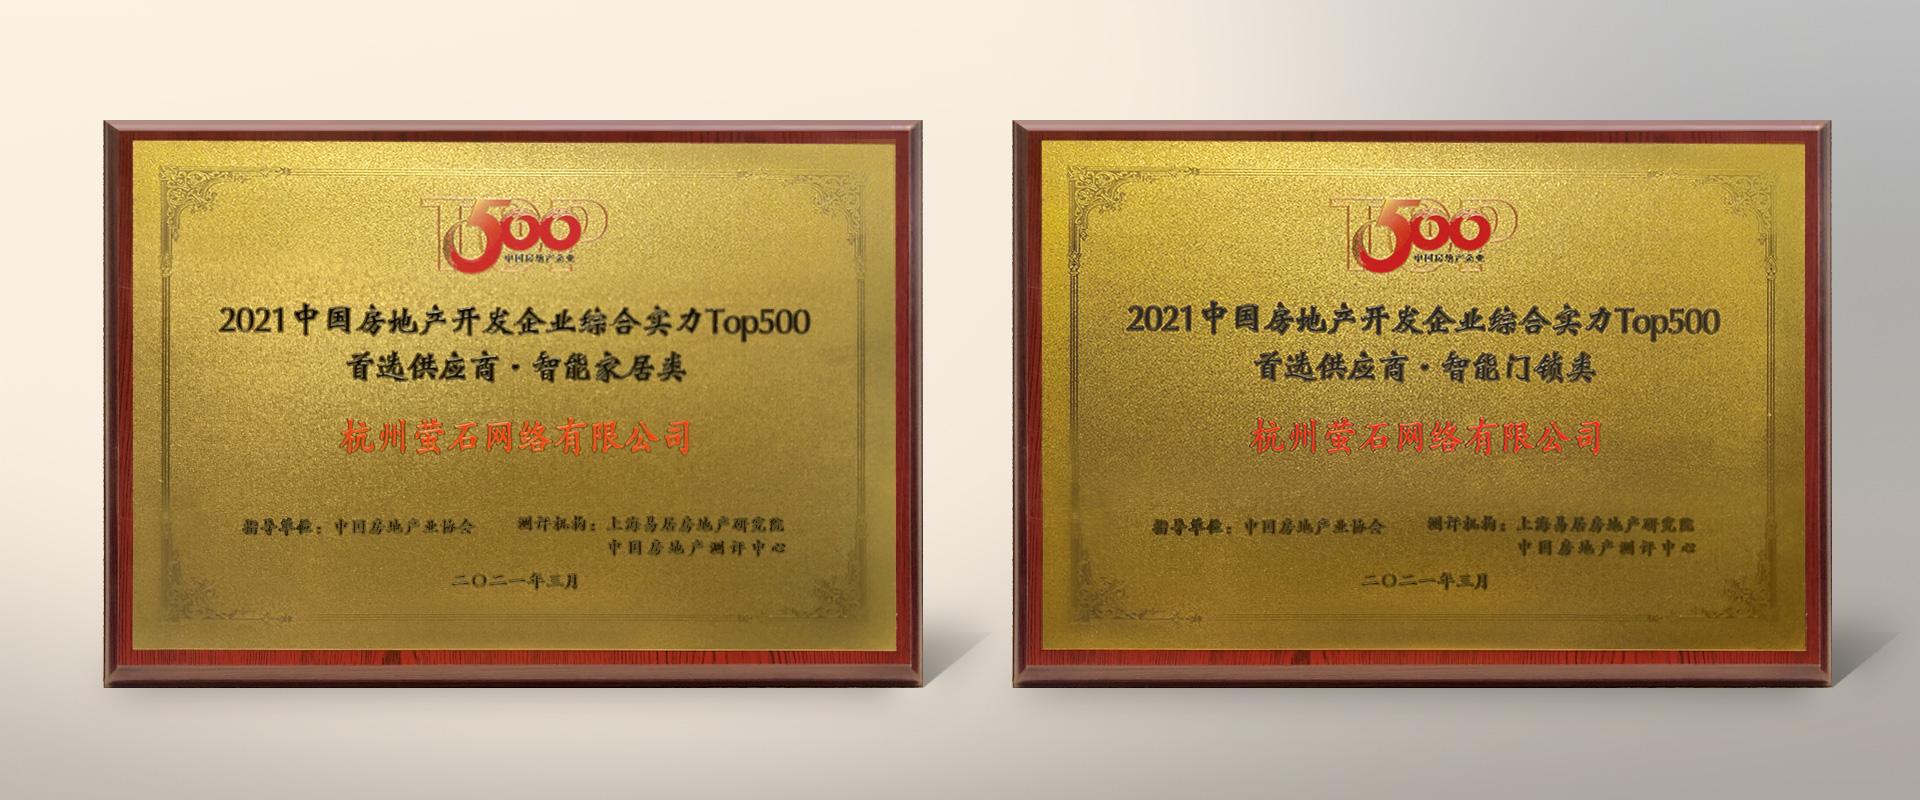 萤石网络获评2021中国房地产开发企业综合实力TOP500